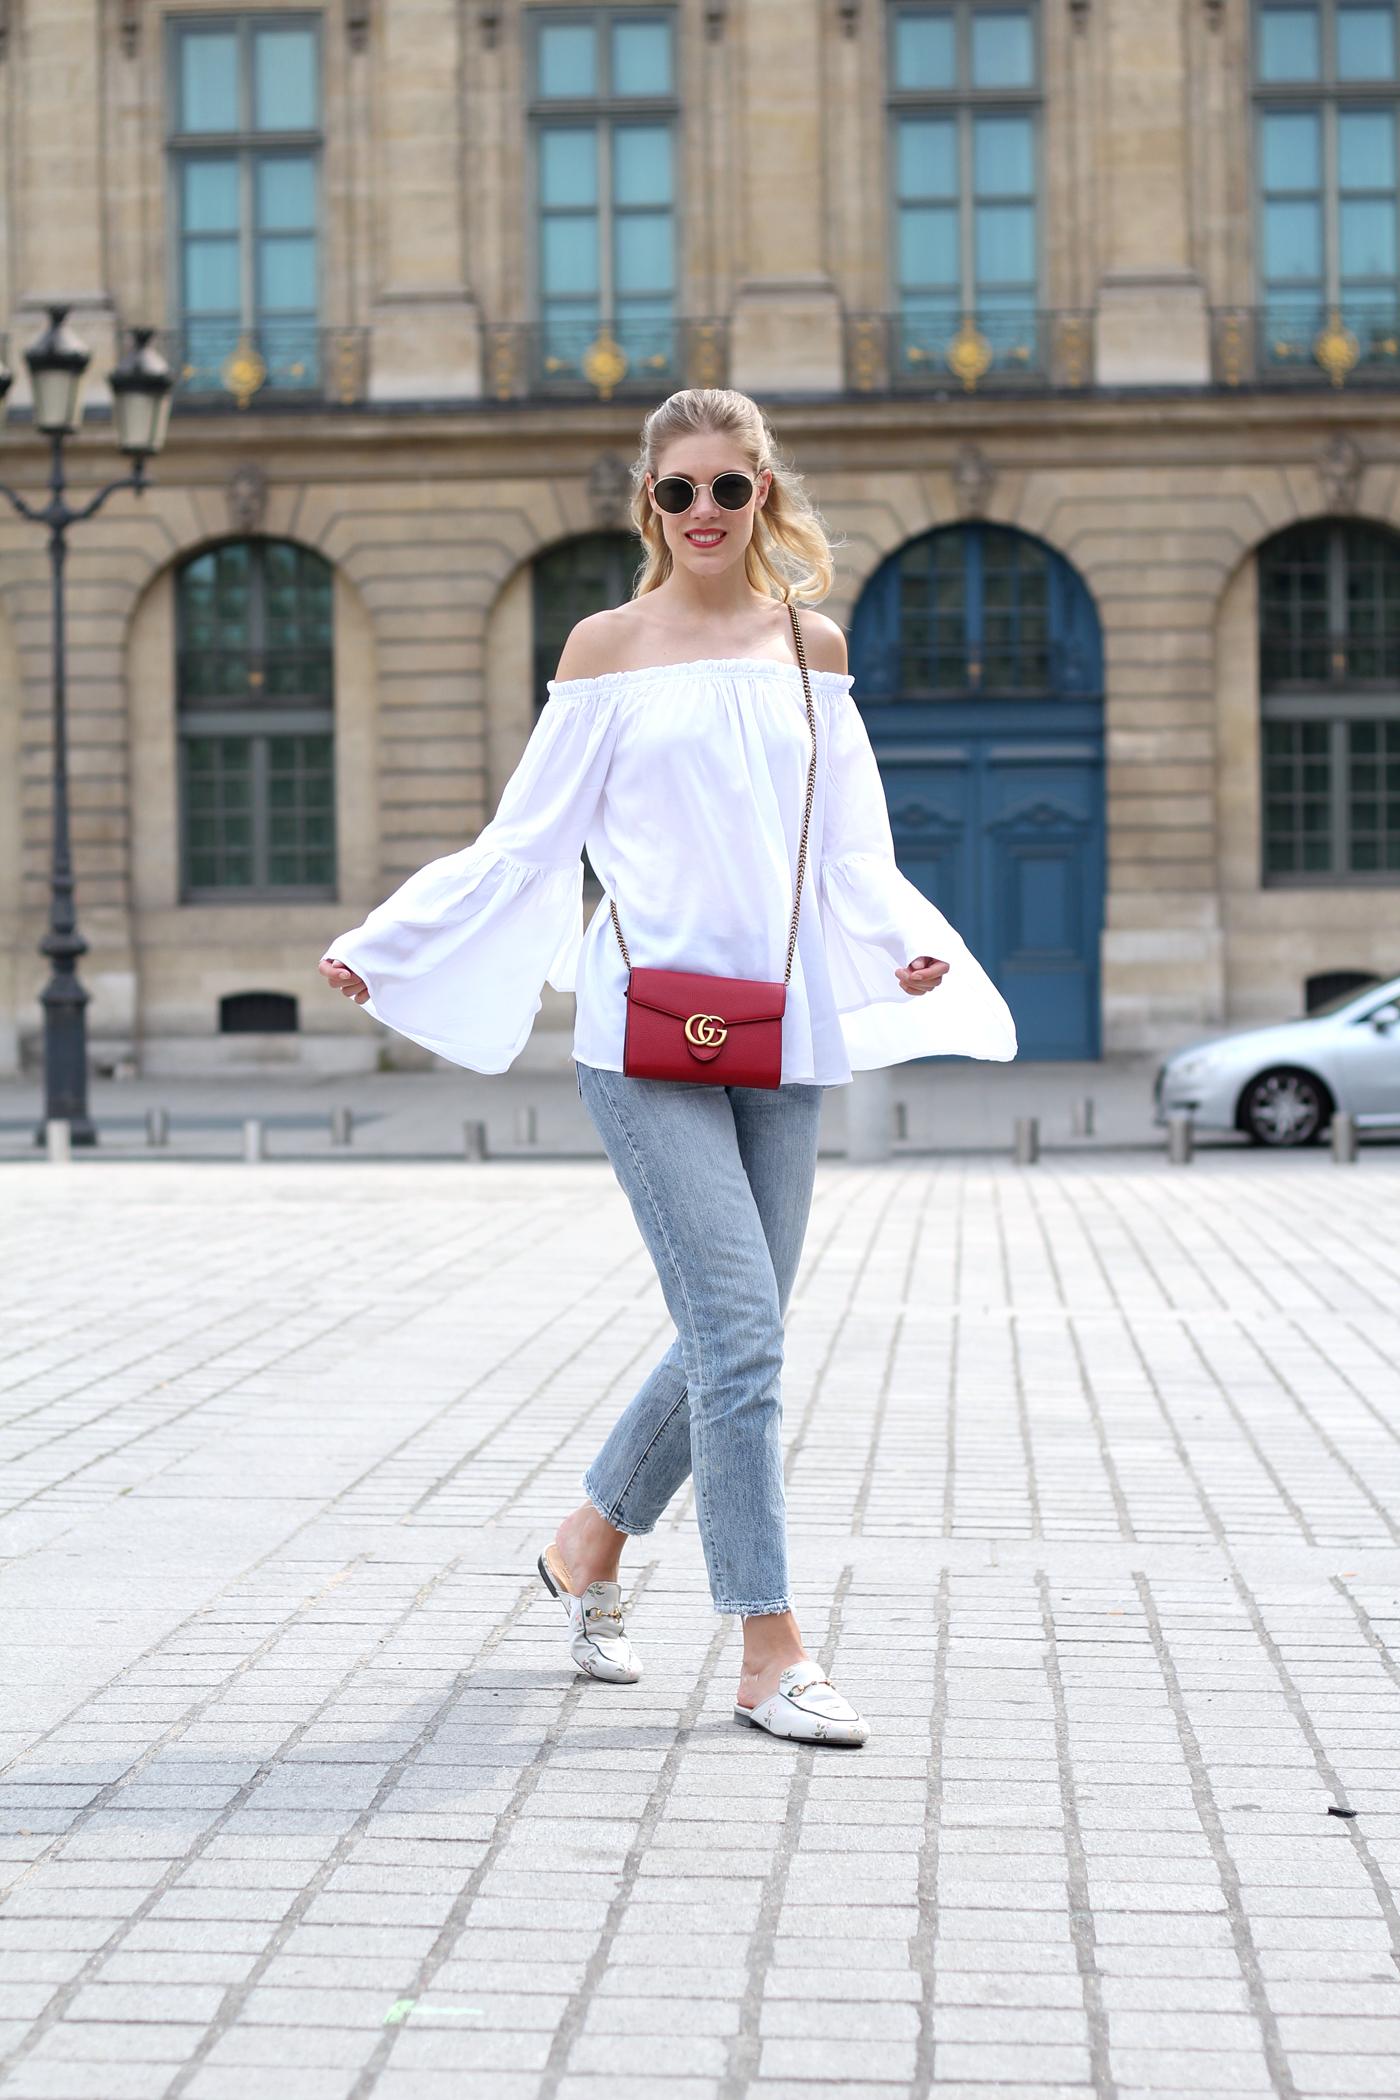 fashionblog_somehappyshoes_Gucci_Marmont_bag_slippers_Paris1